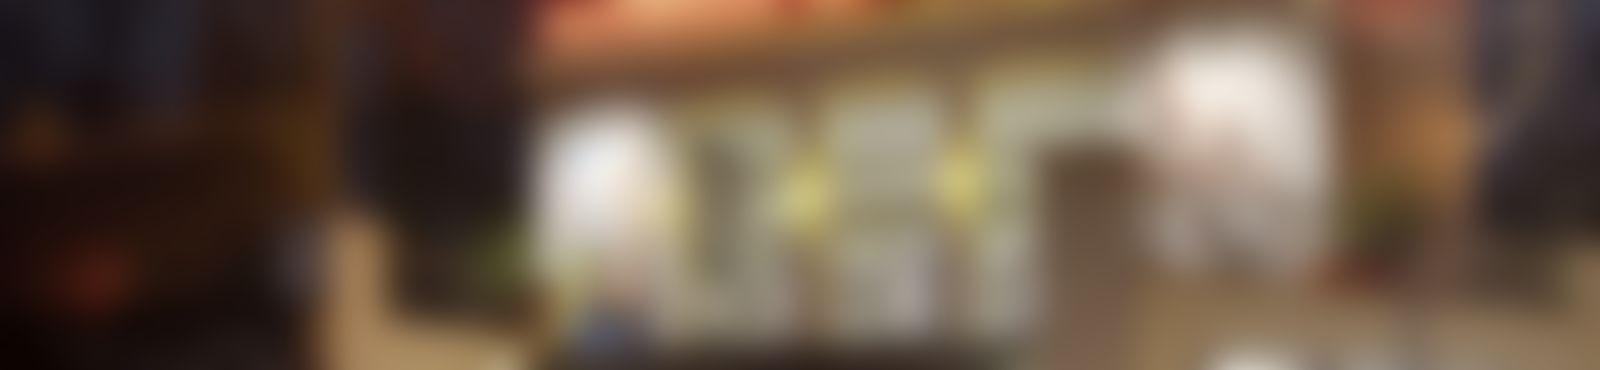 Blurred faf aussen 1